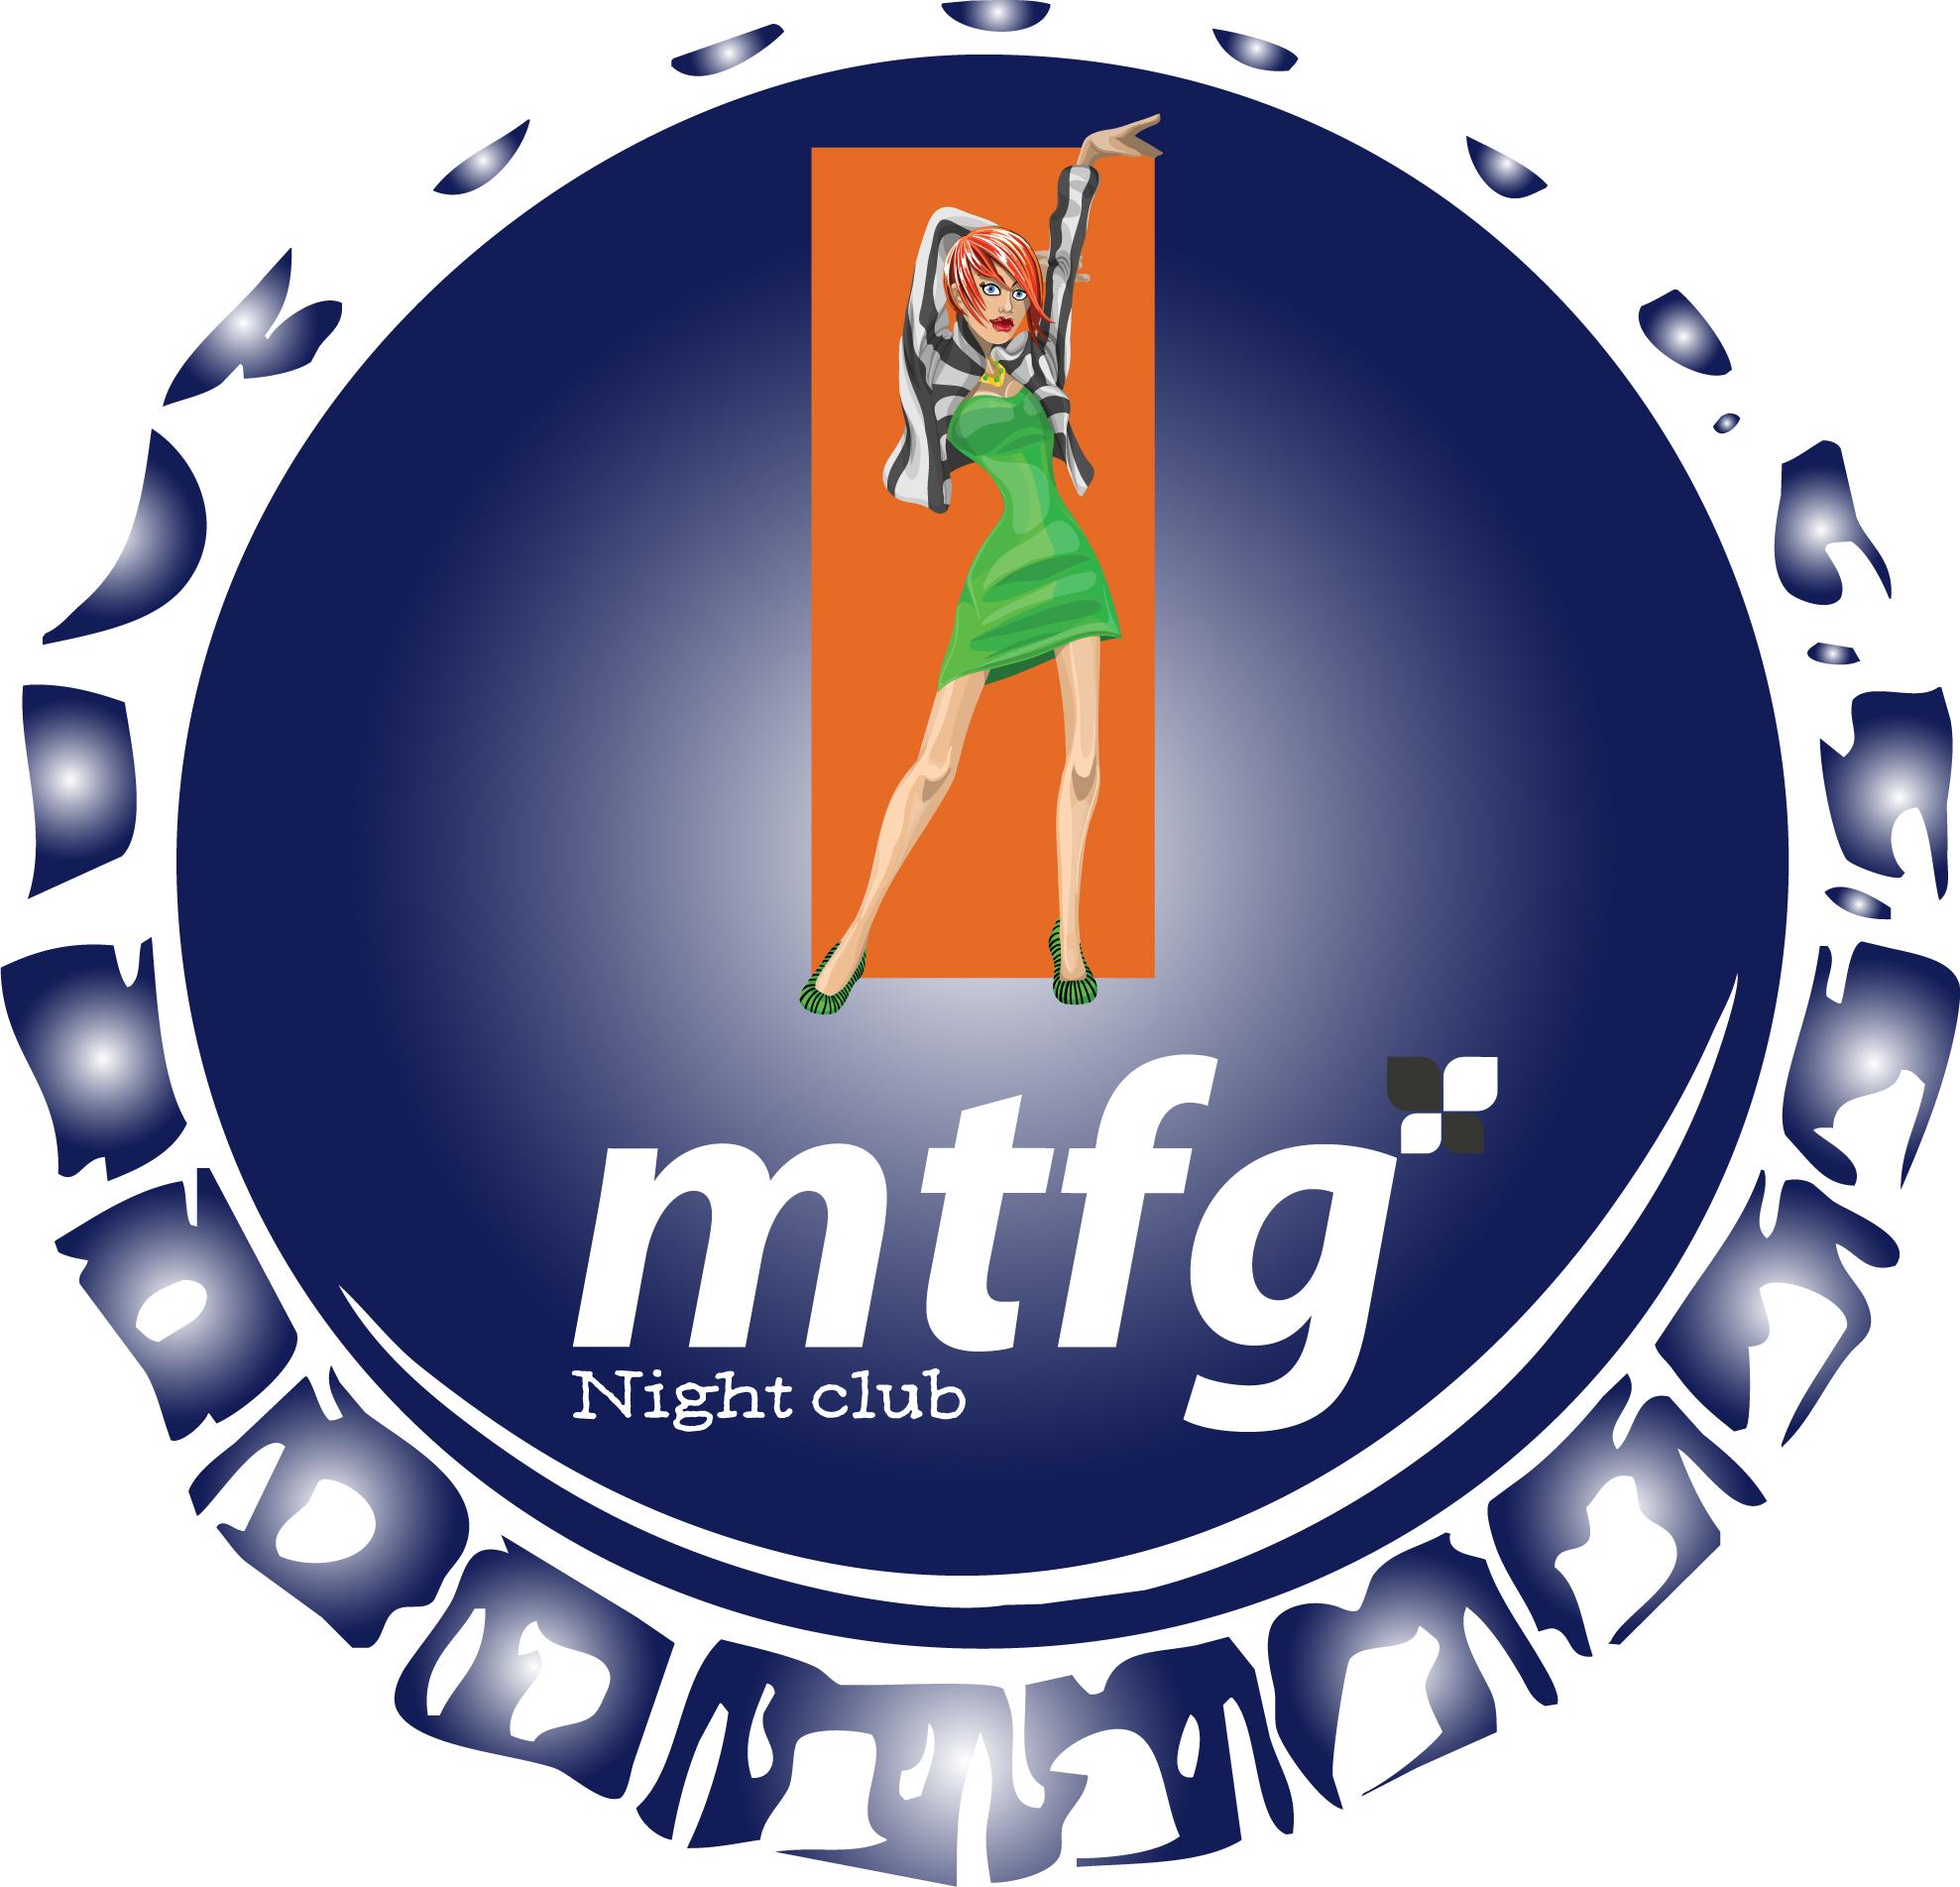 MTFG Night club